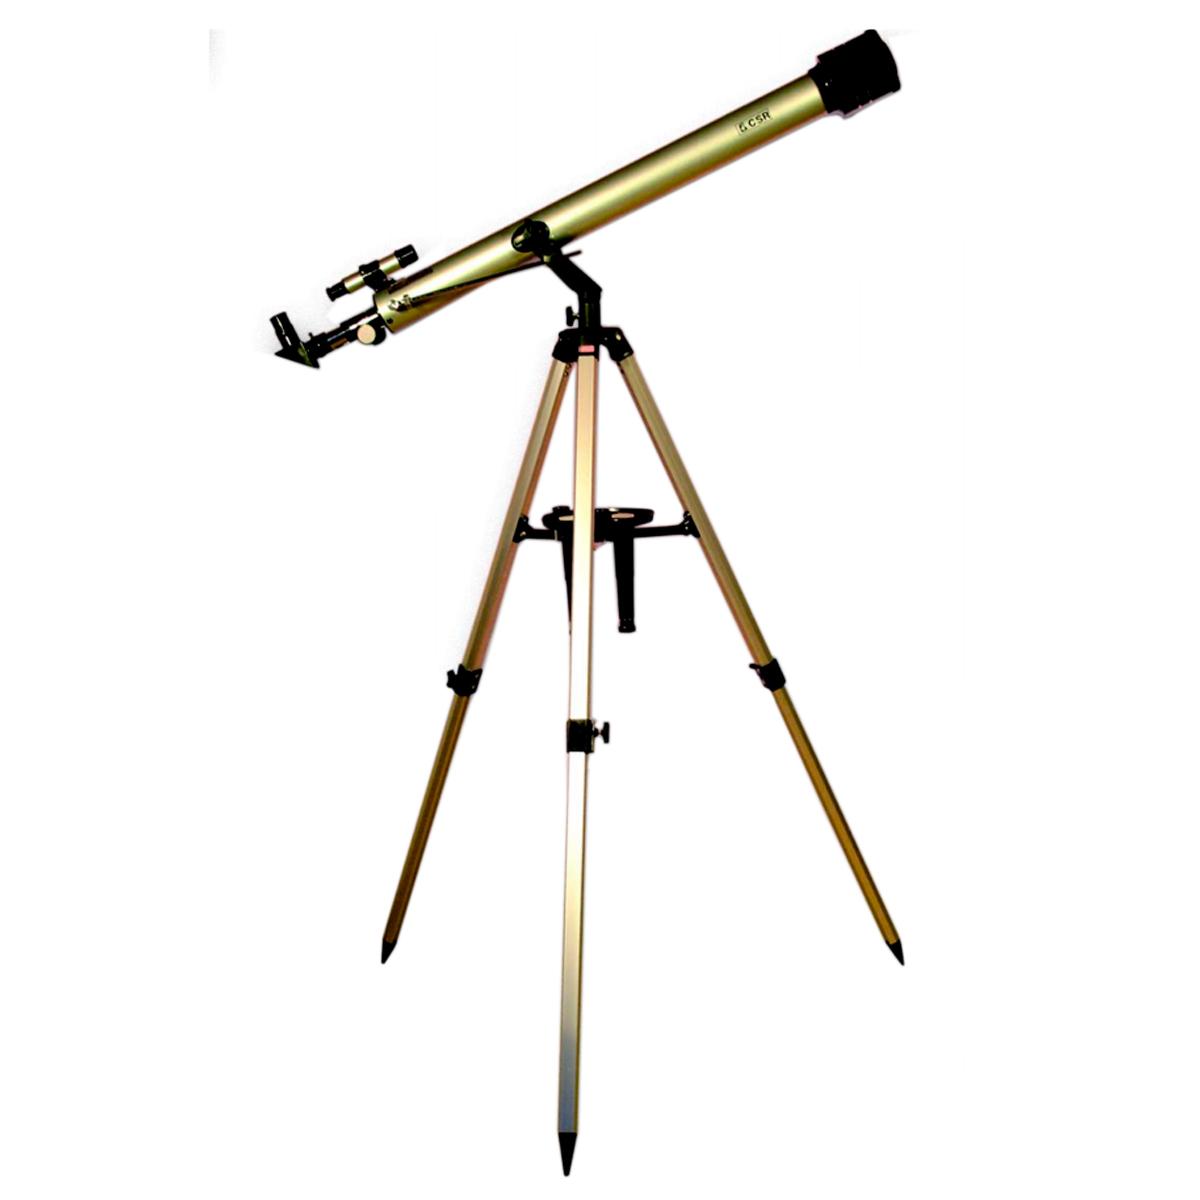 F90060M - Telescópio 40mm c/ Tripé F900 60M - CSR